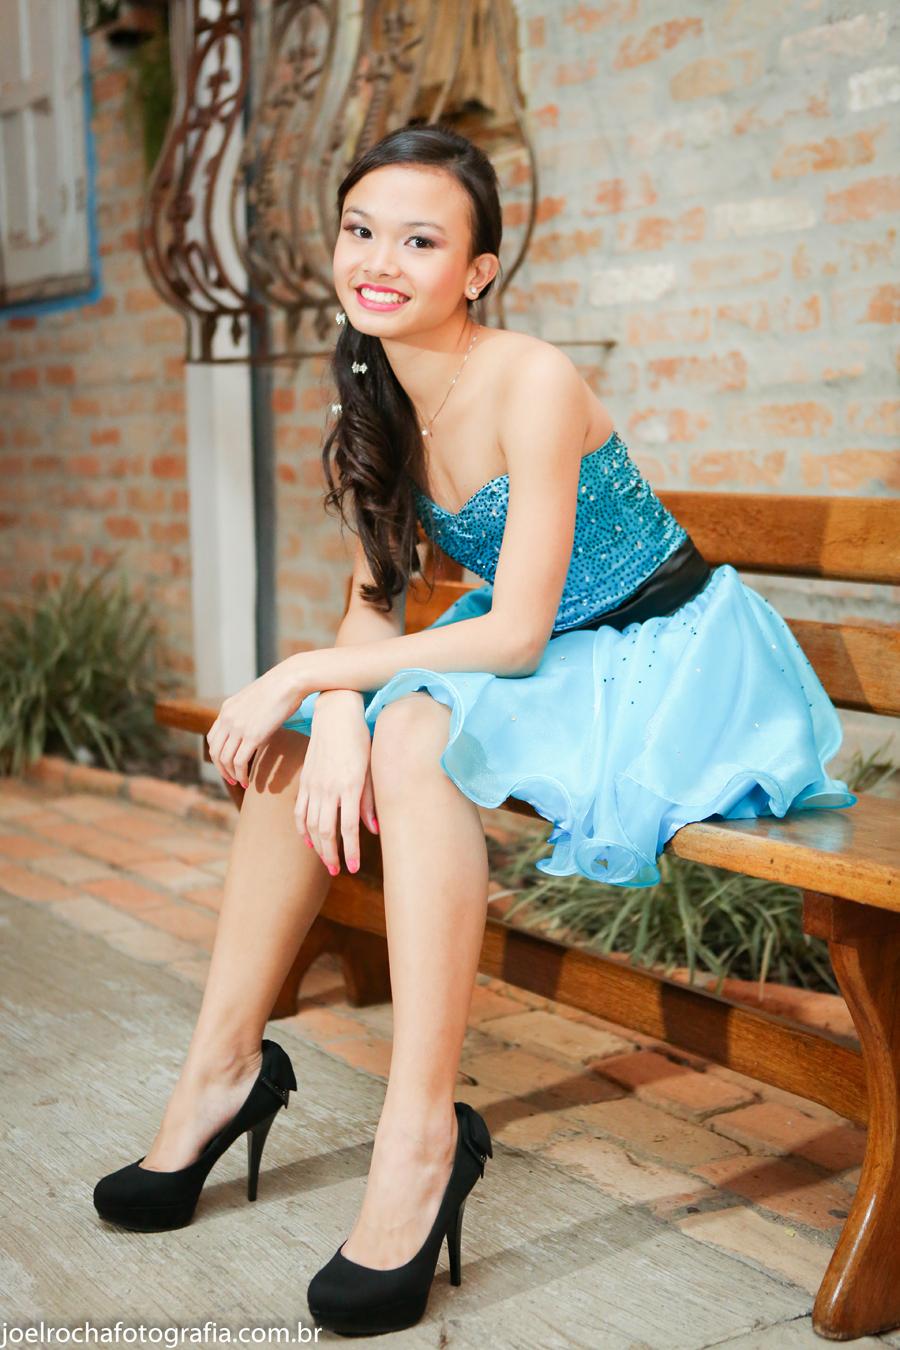 joelrochafotografia.com.br-5